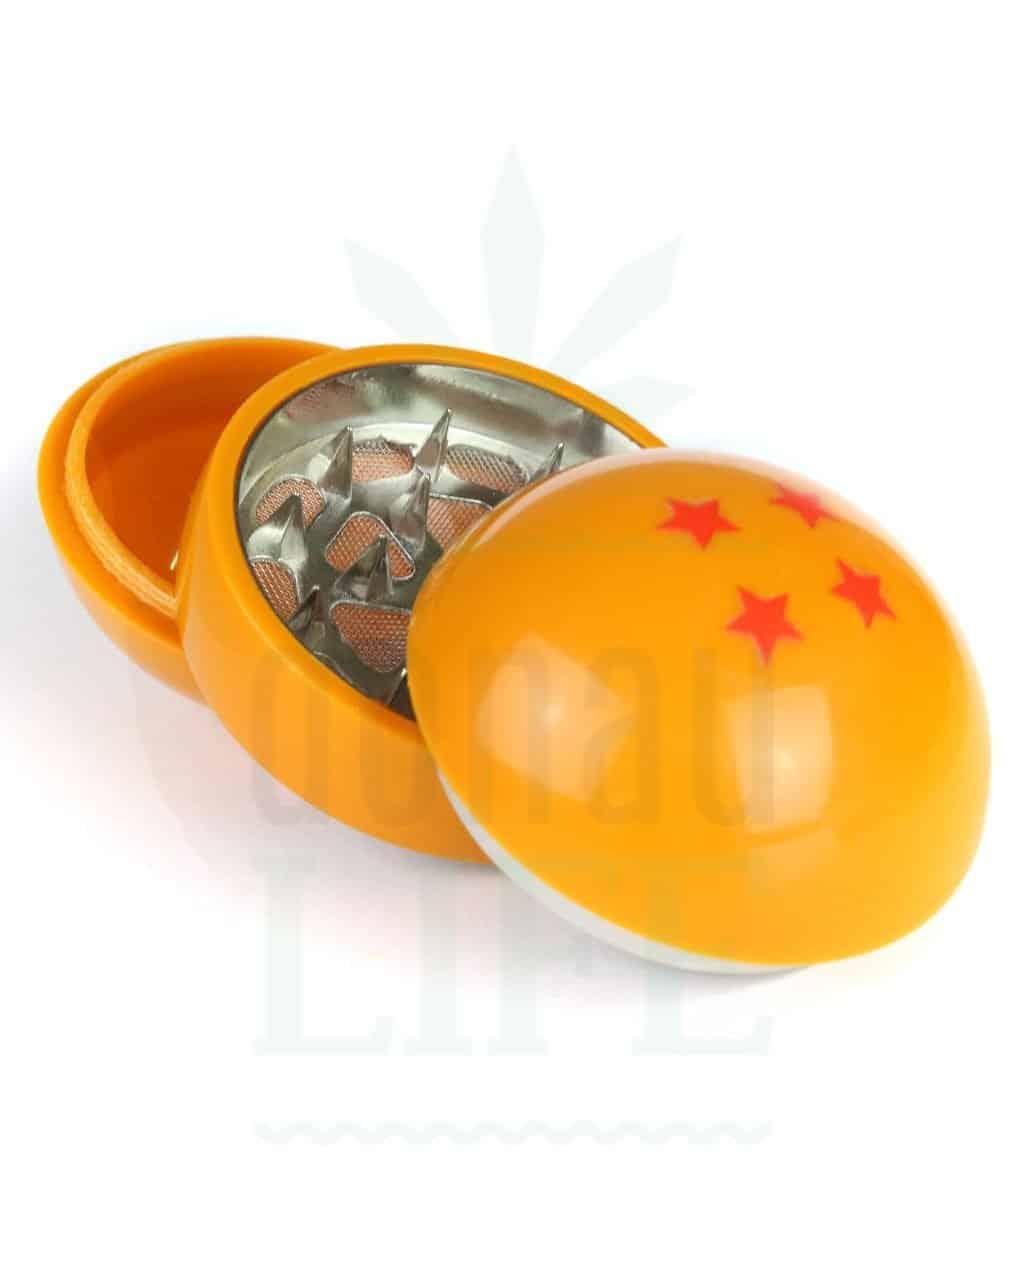 3-teilig Drachen Ball Grinder '4 Star' 3-teilig | Ø 55 mm